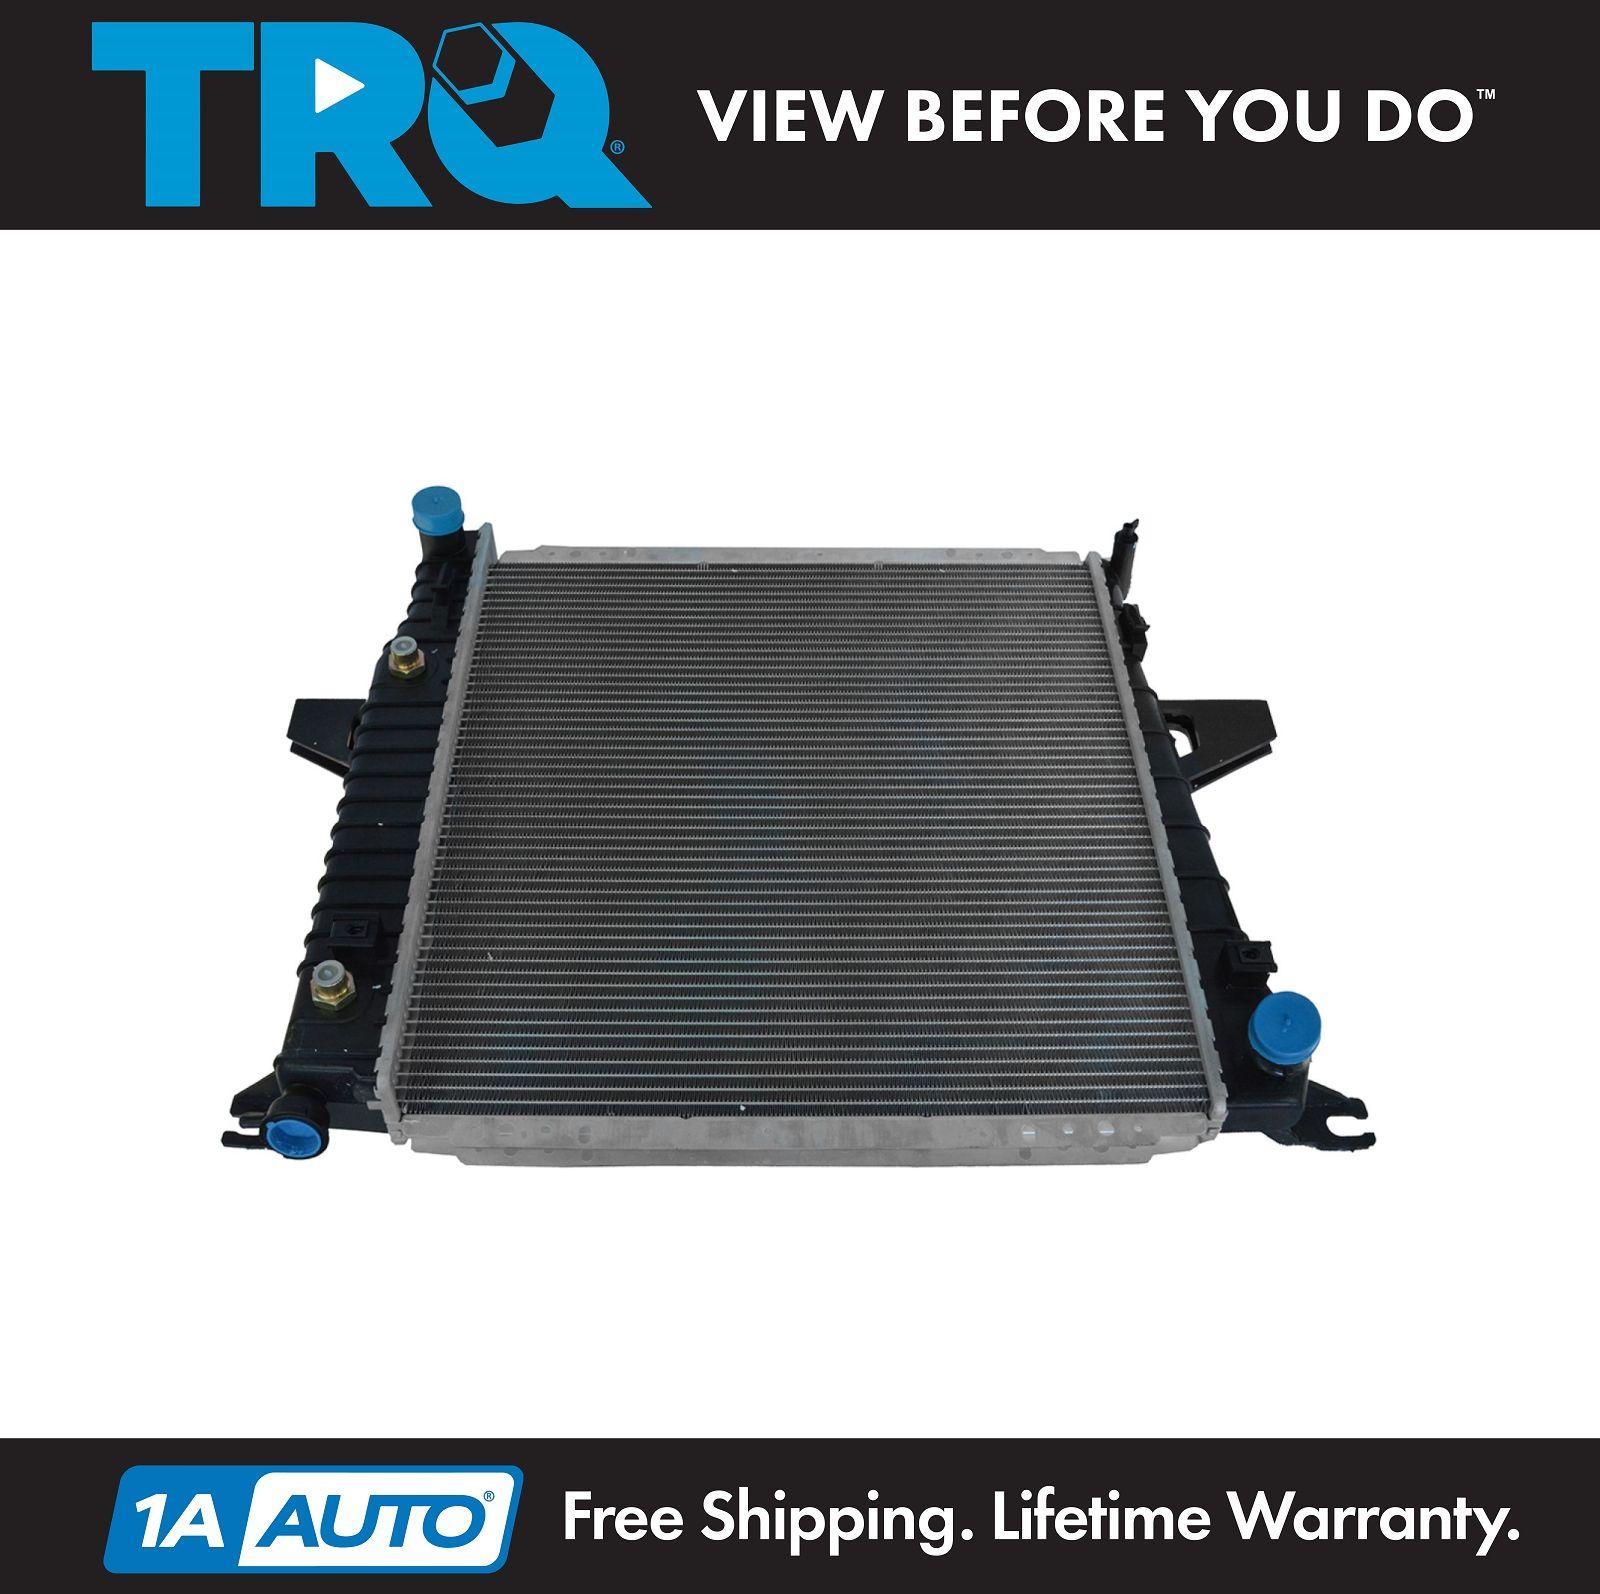 2-Row//CORE Aluminum Radiator For Ford Ranger F-100 Ranger XL Mazda B2500 98-01